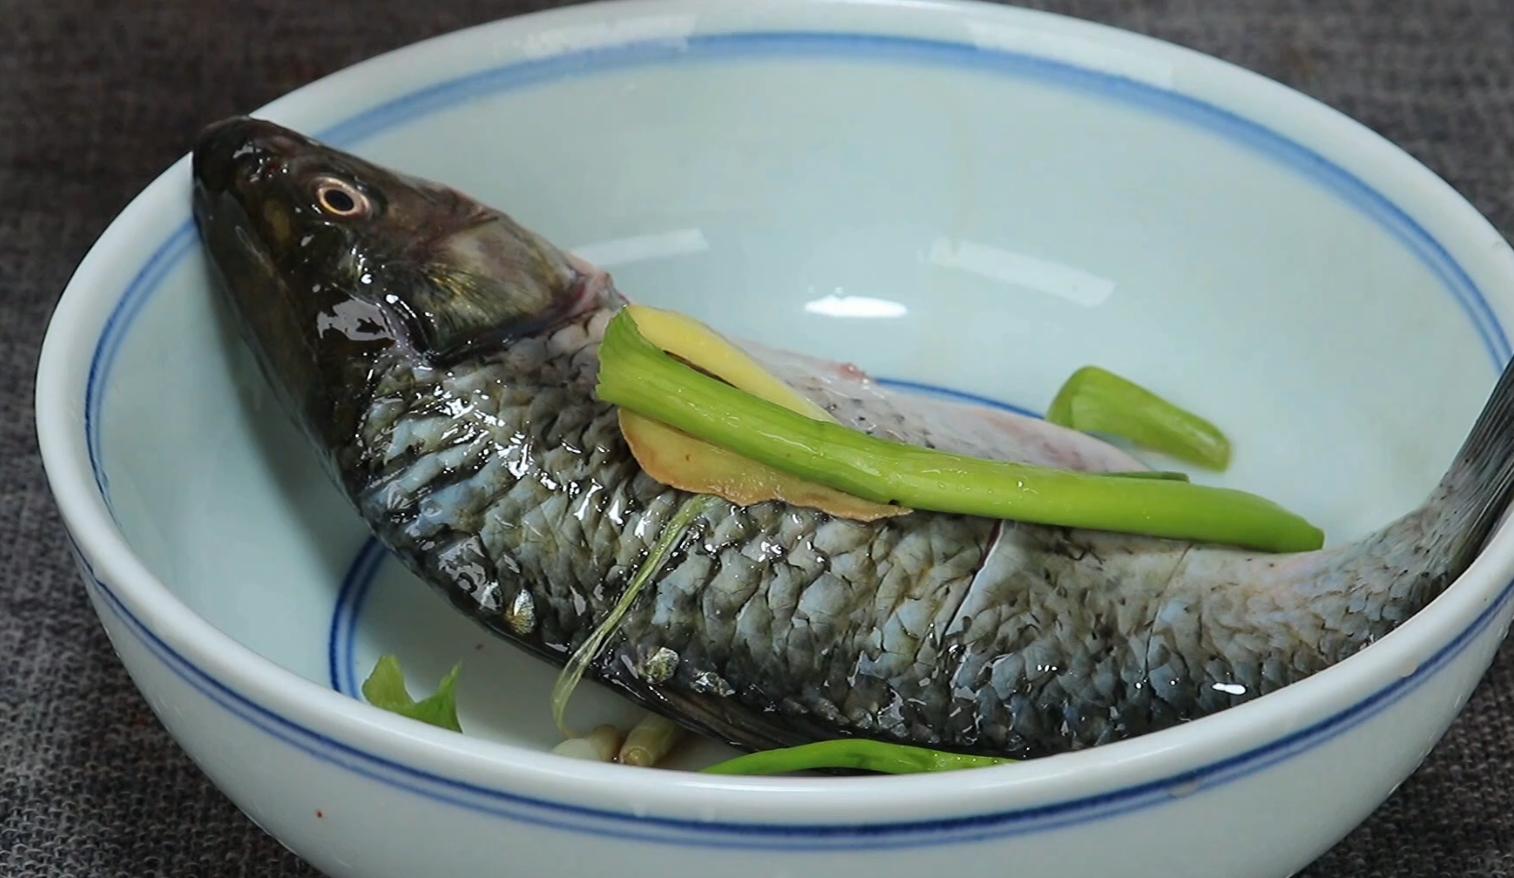 煎鱼怎么不粘锅不掉皮,直接下锅是大错,教你绝招,简单实用